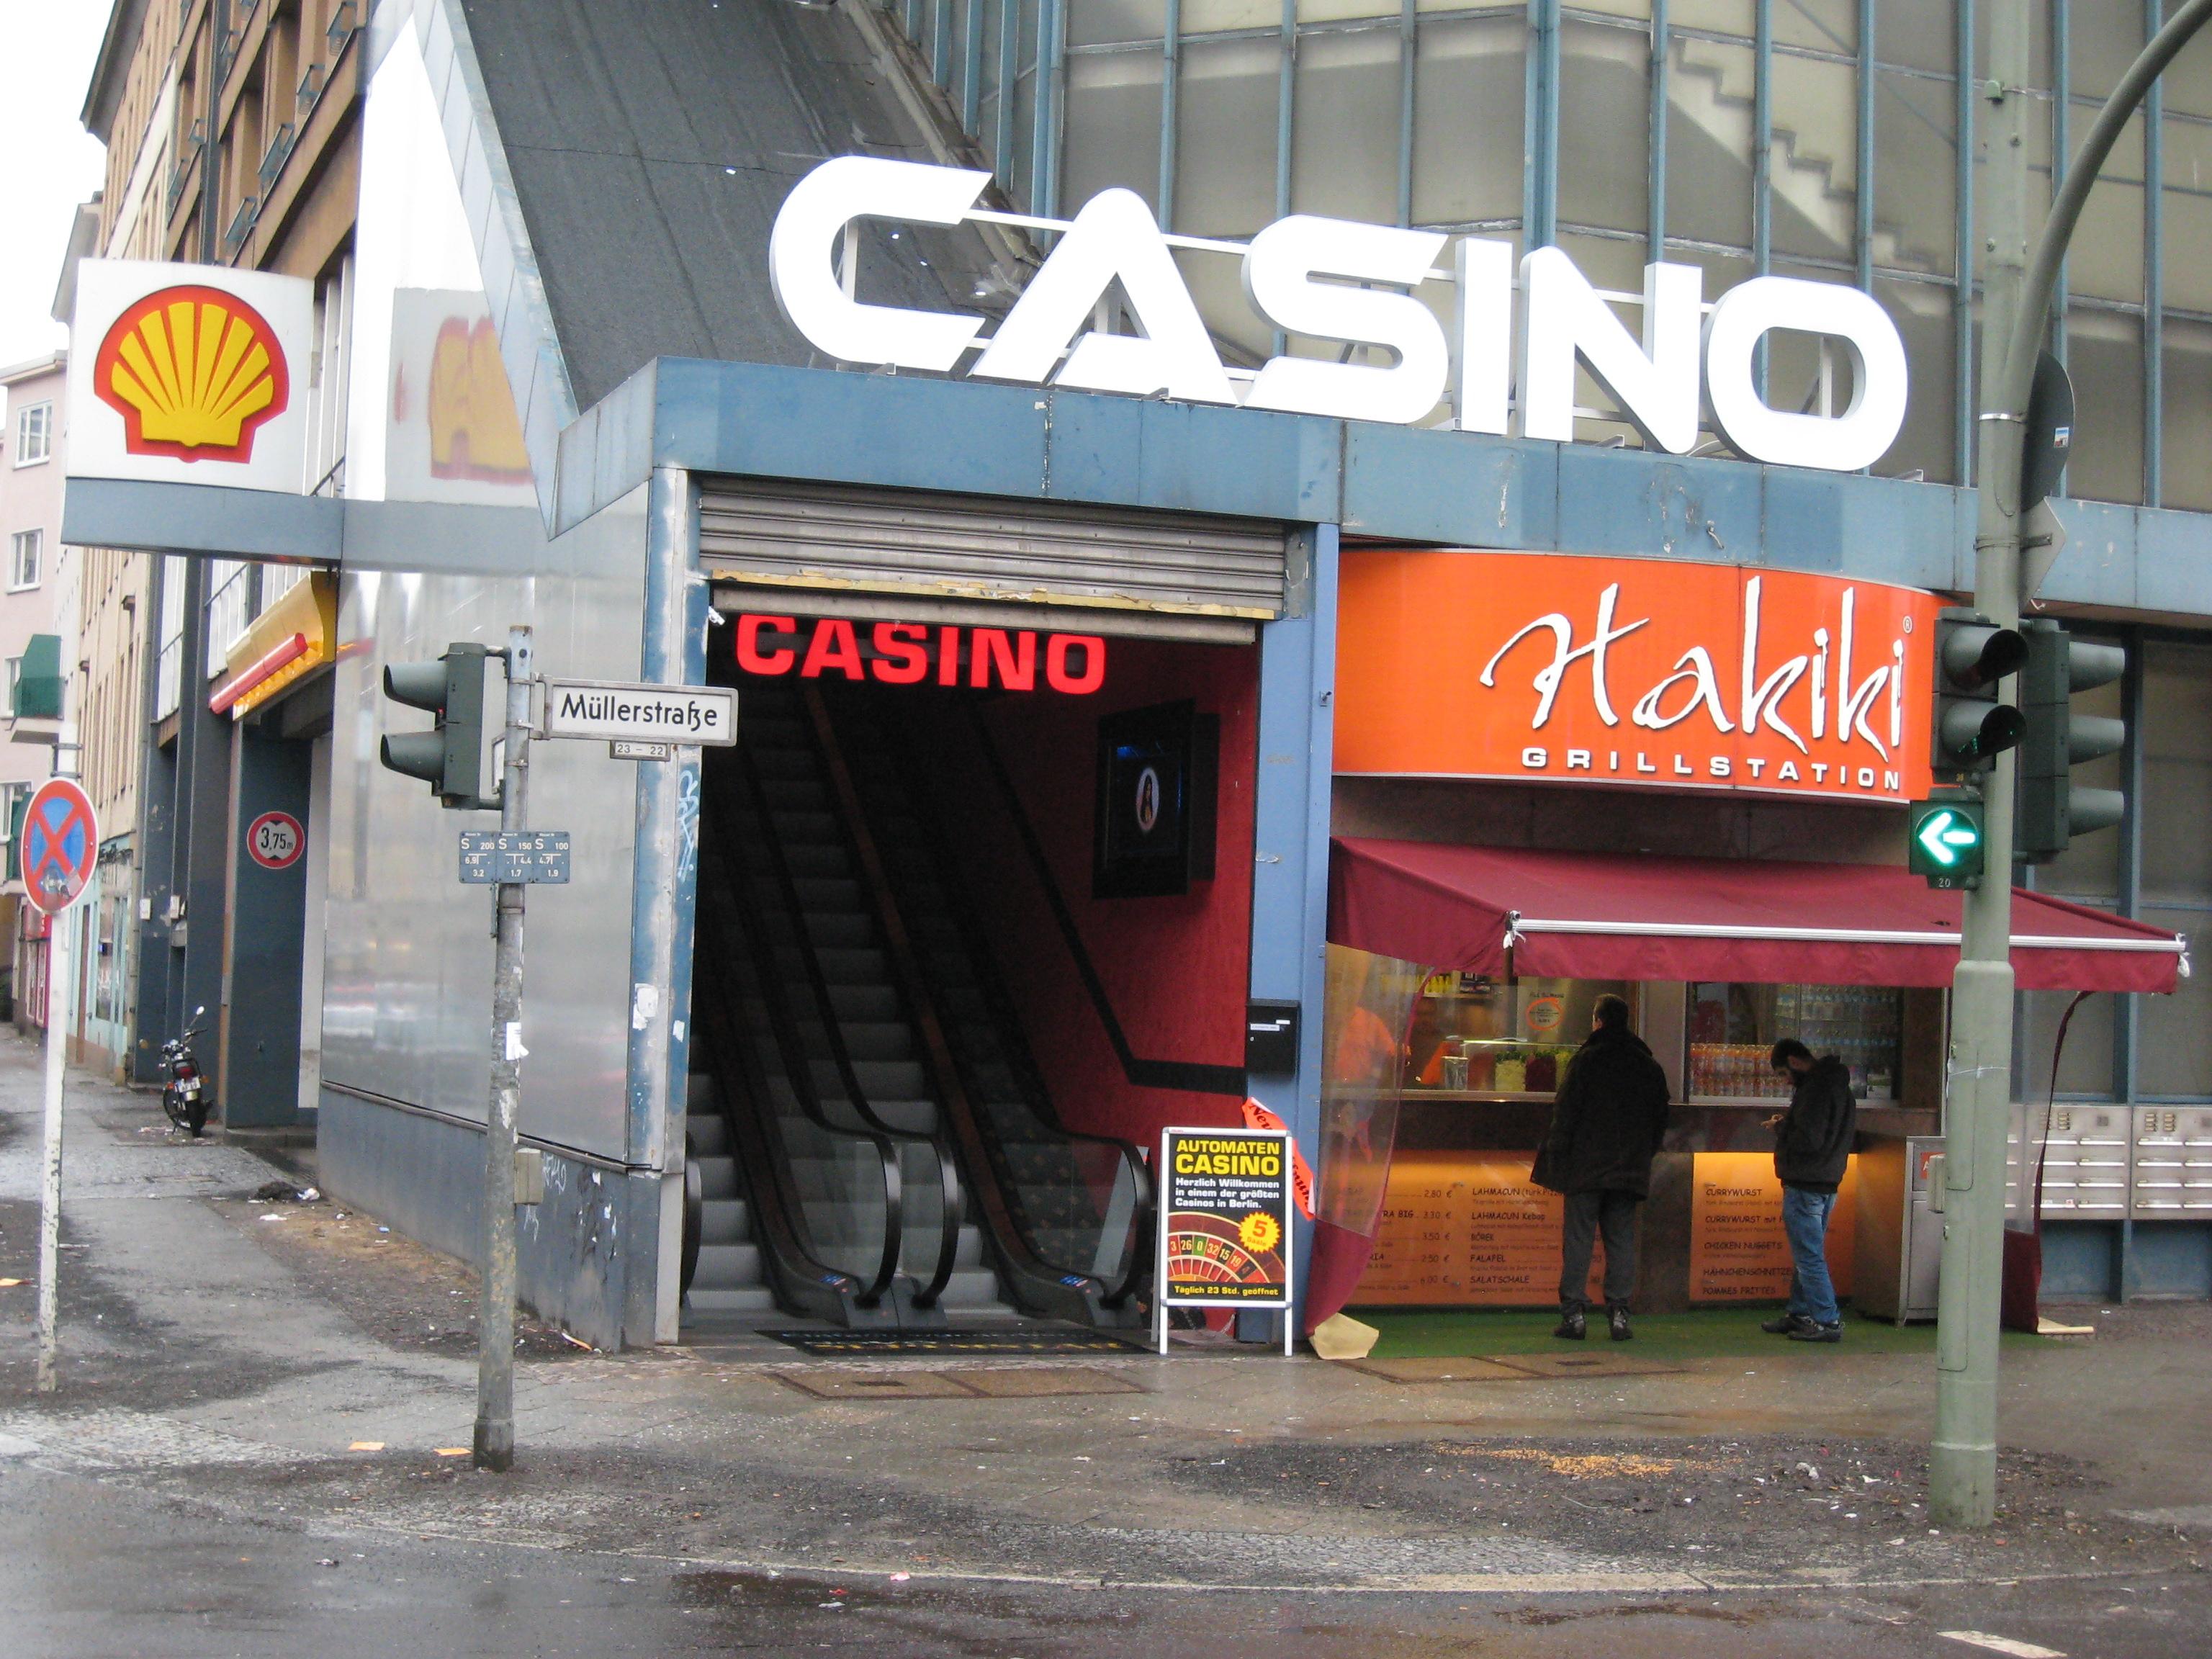 Spielothek Spiel Casino 65, Antonstr. 3, Berlin - Wedding